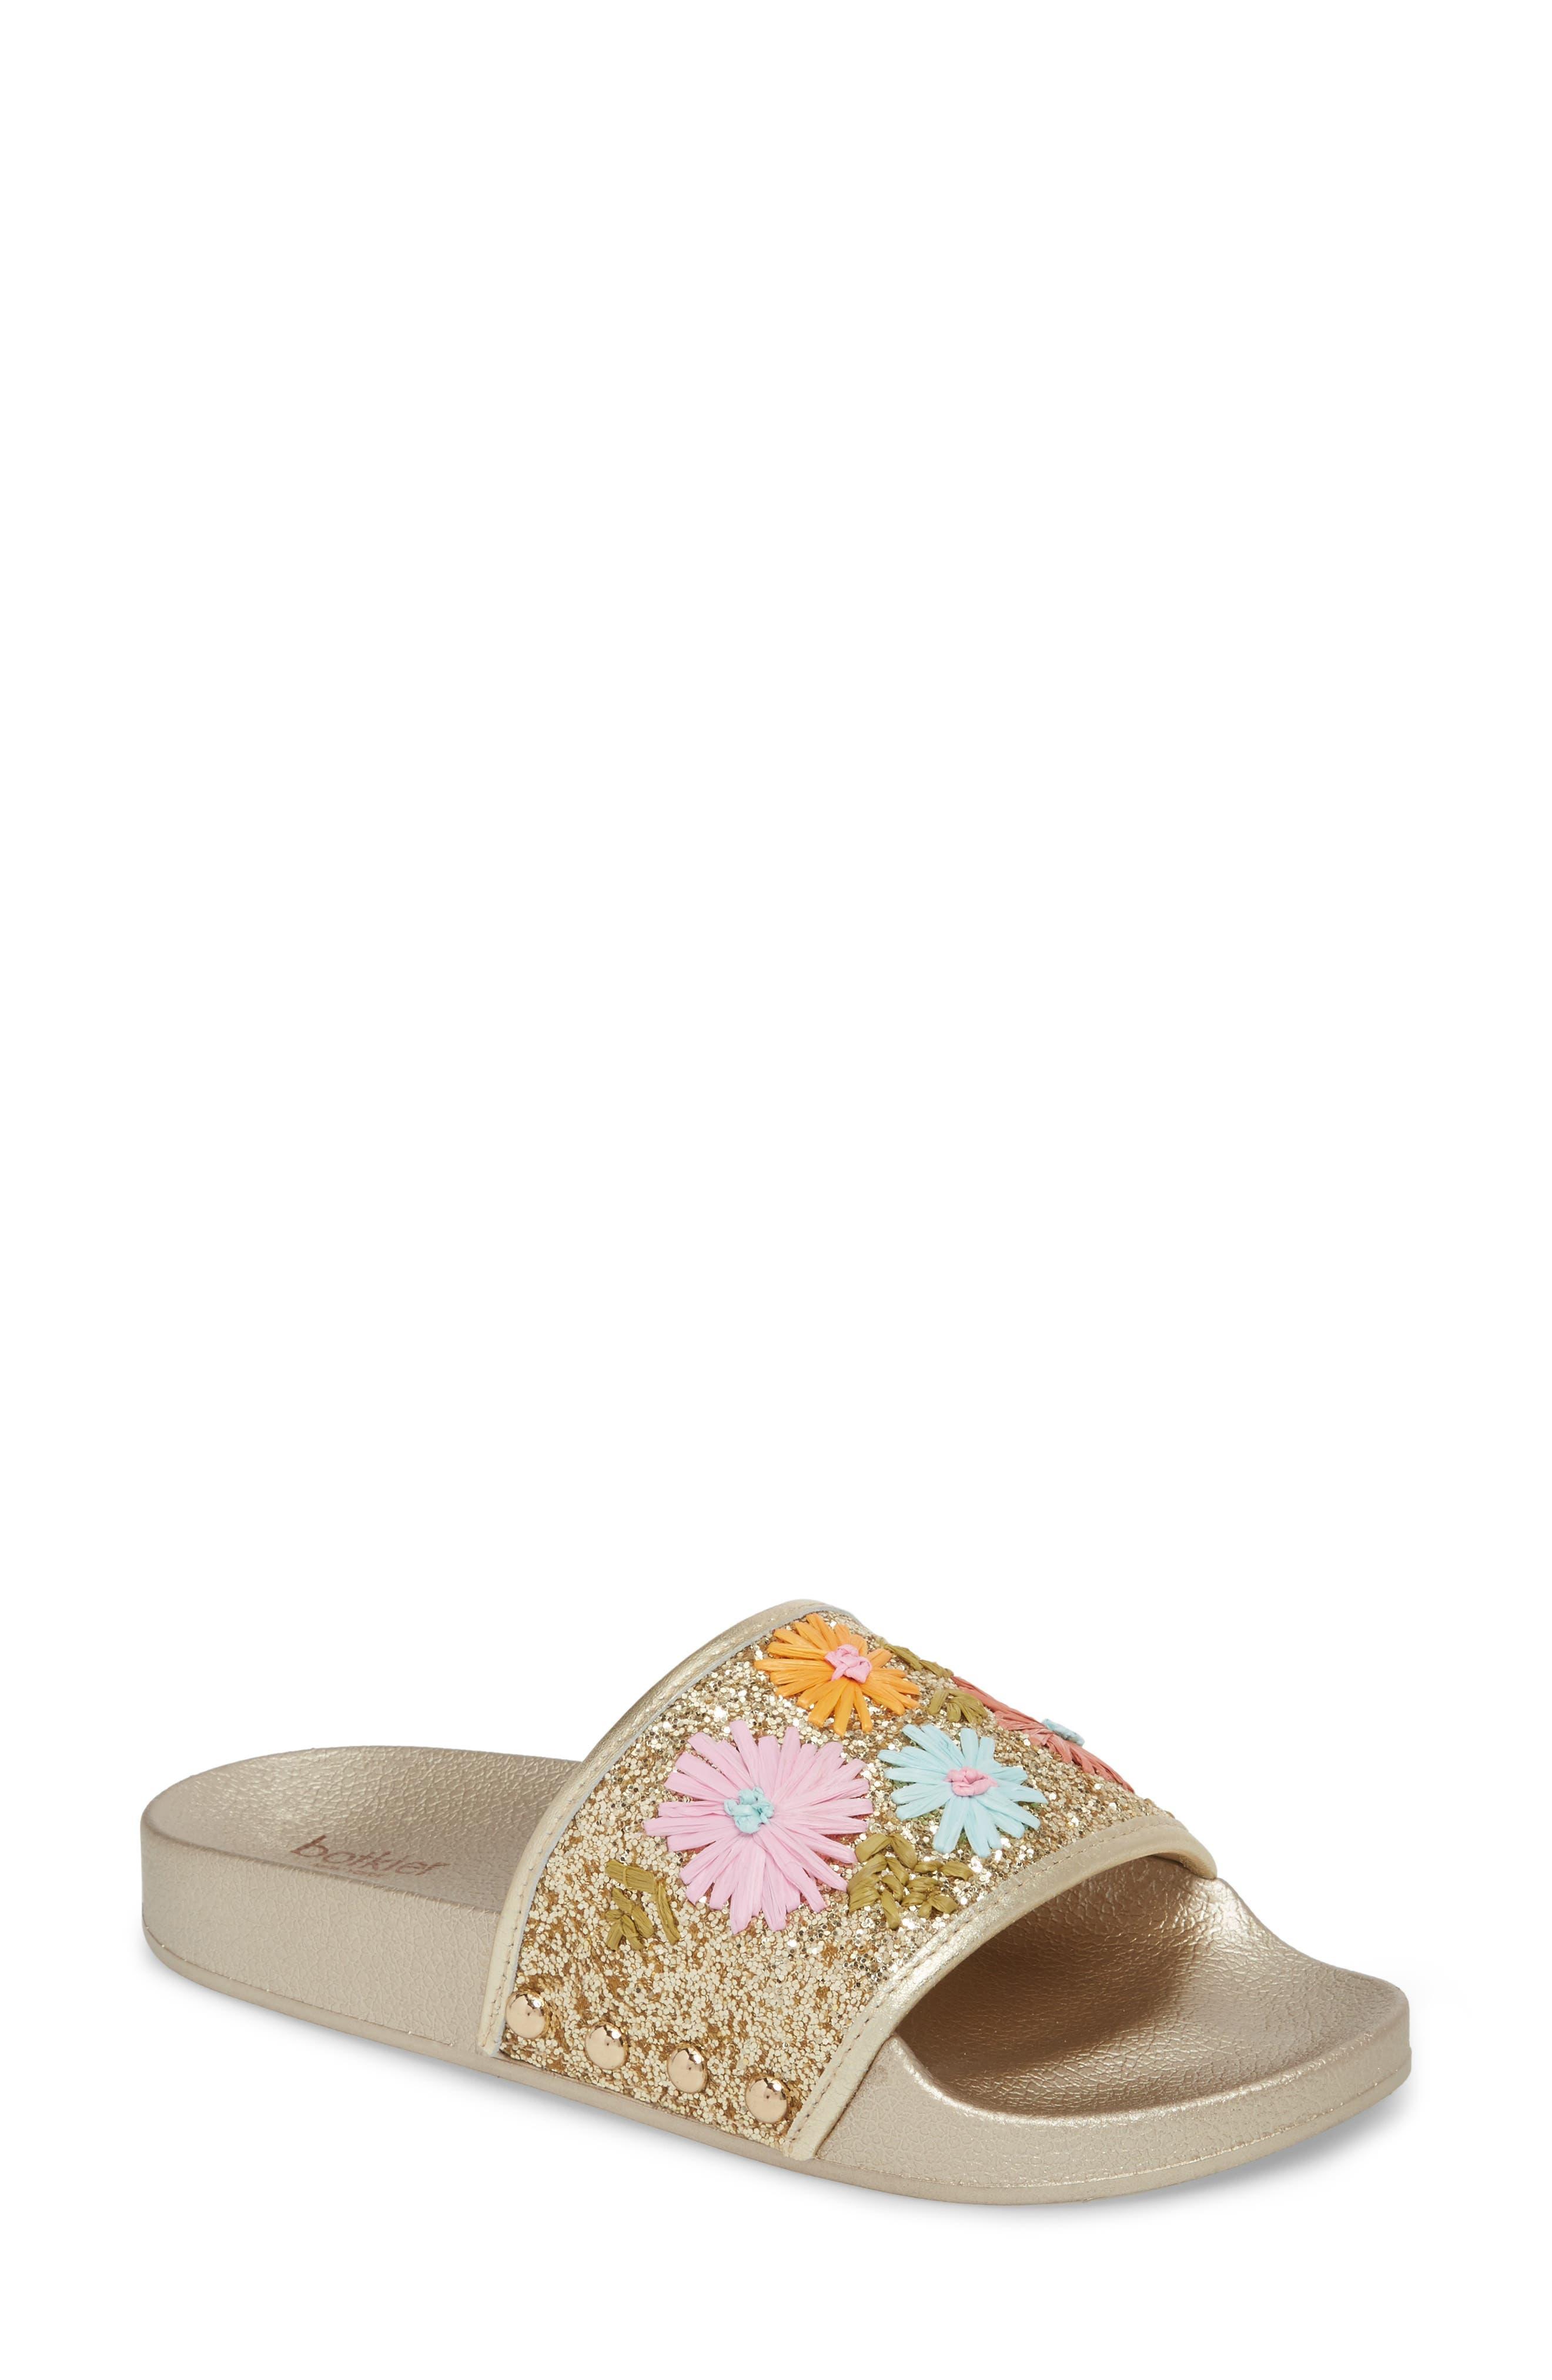 Botkier Daisy Slide Sandal (Women)